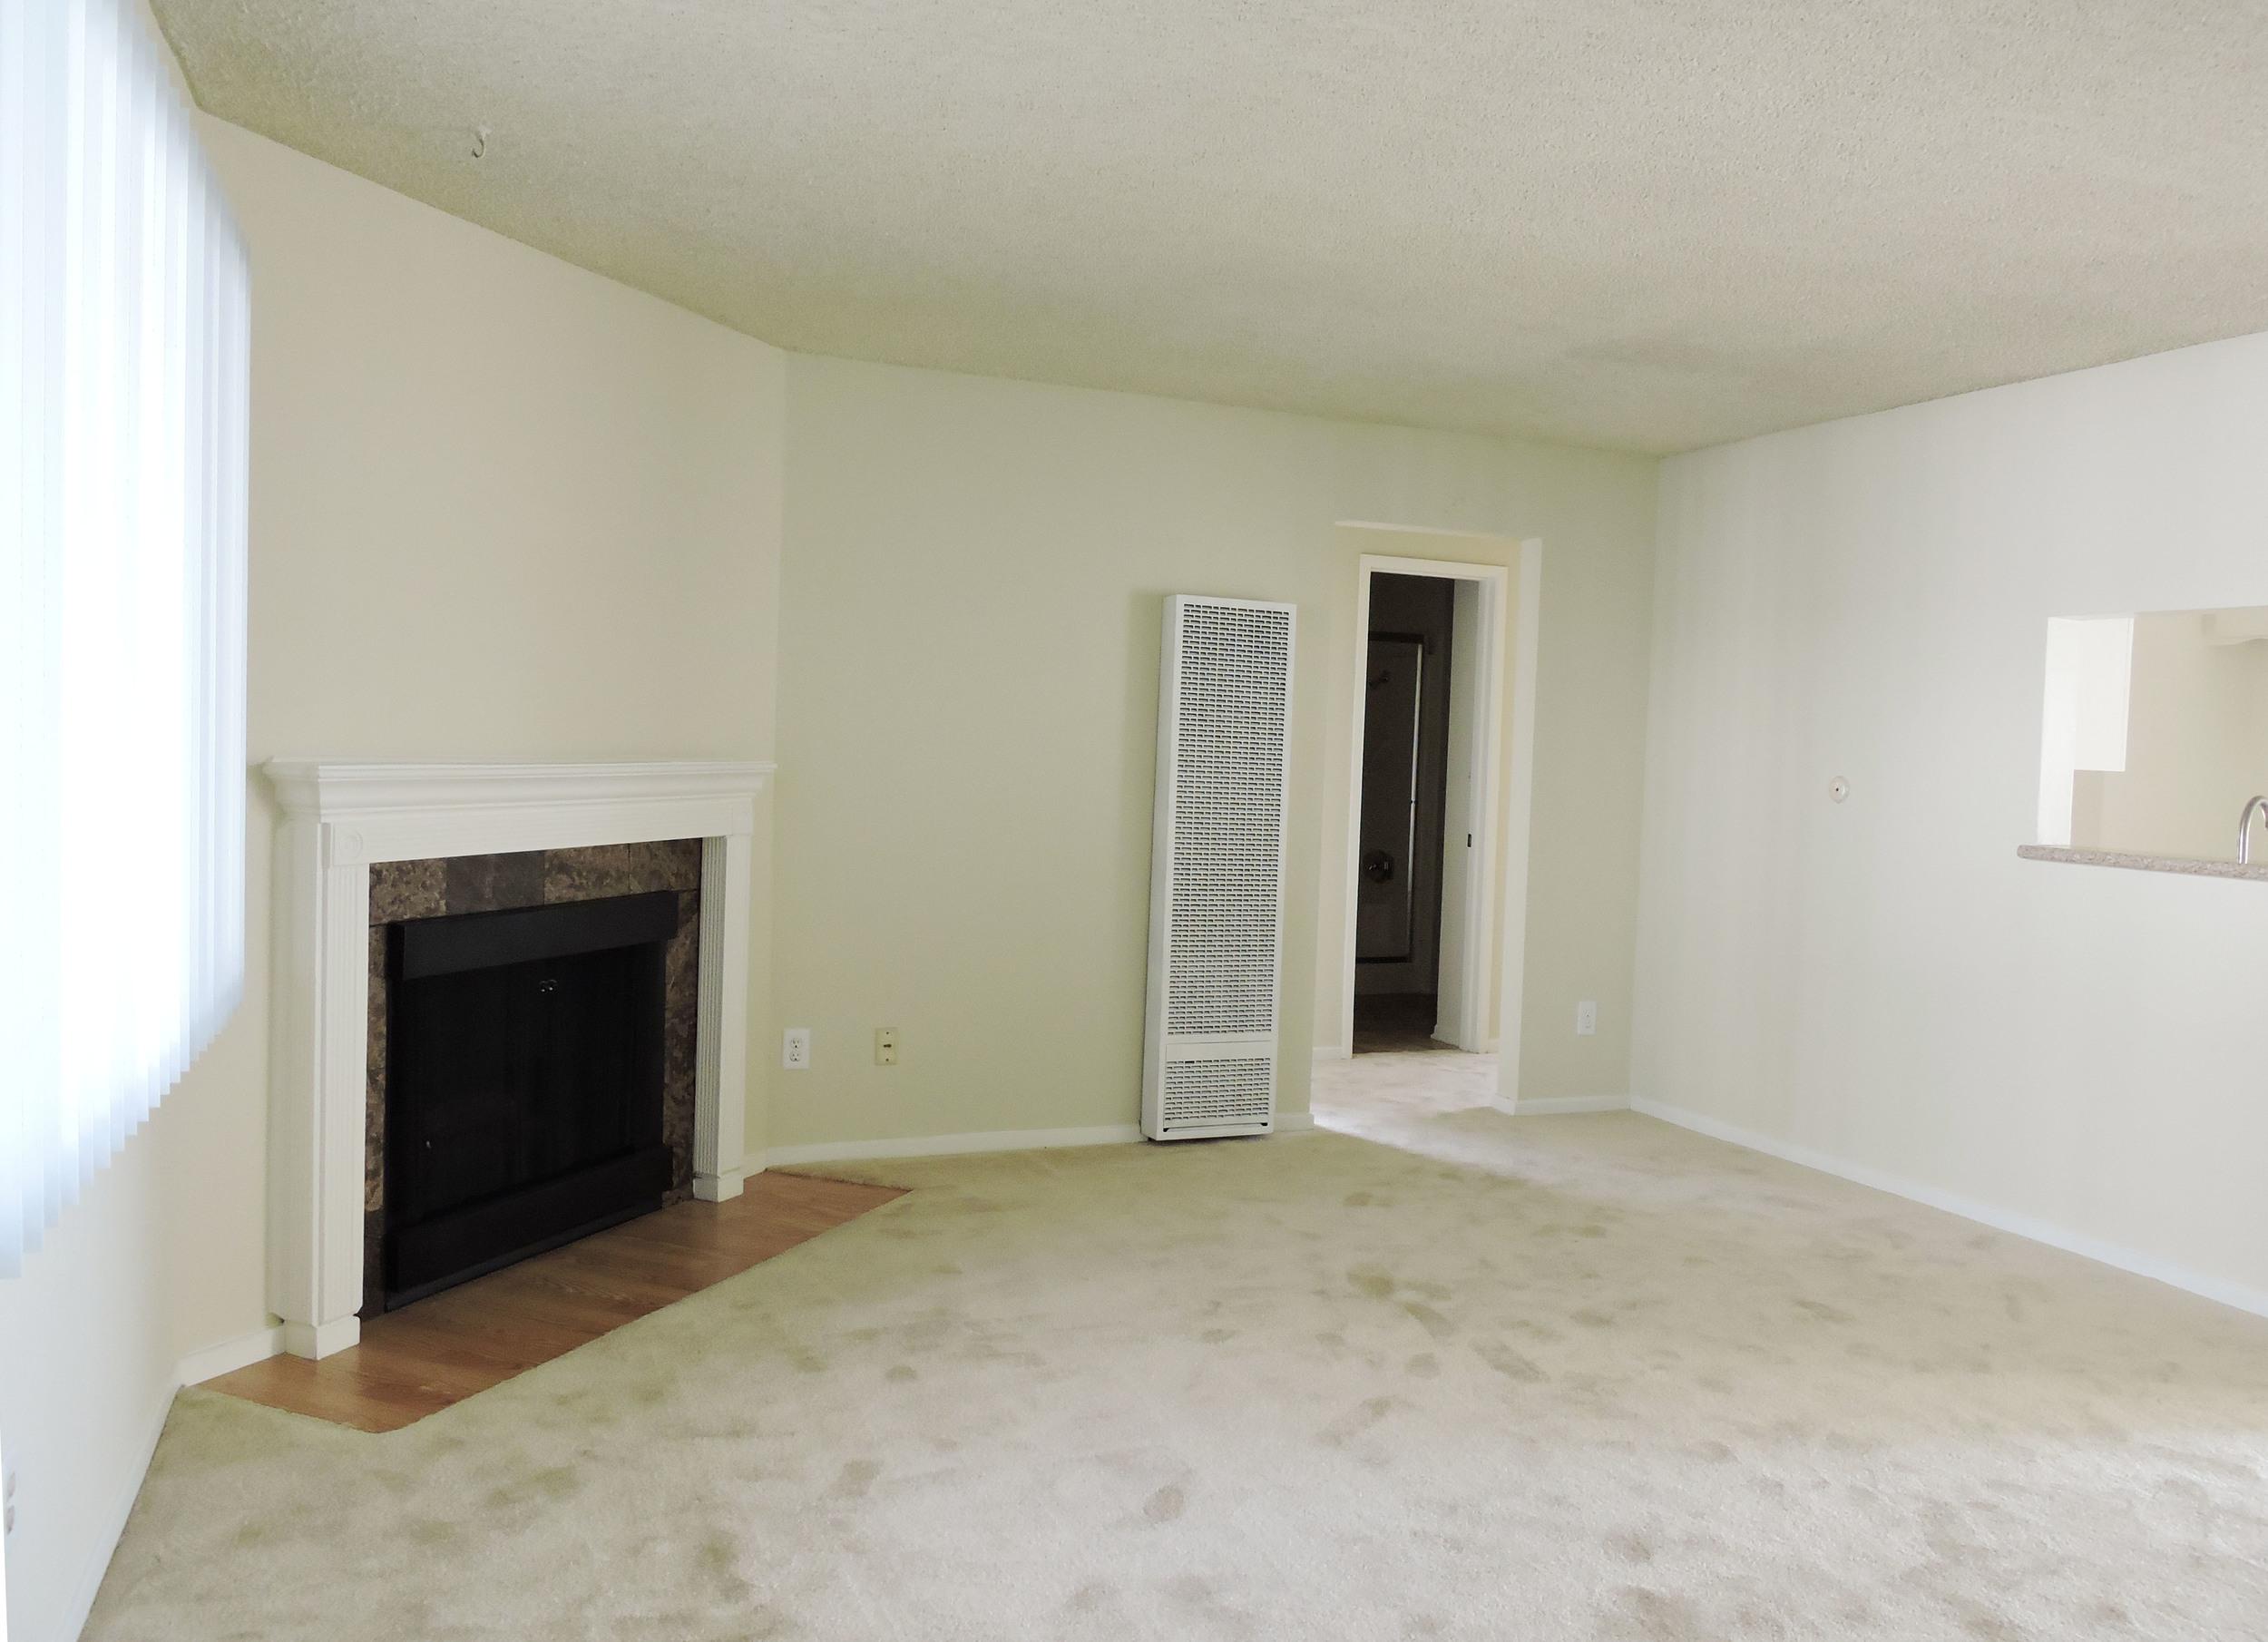 233 living room4.jpg